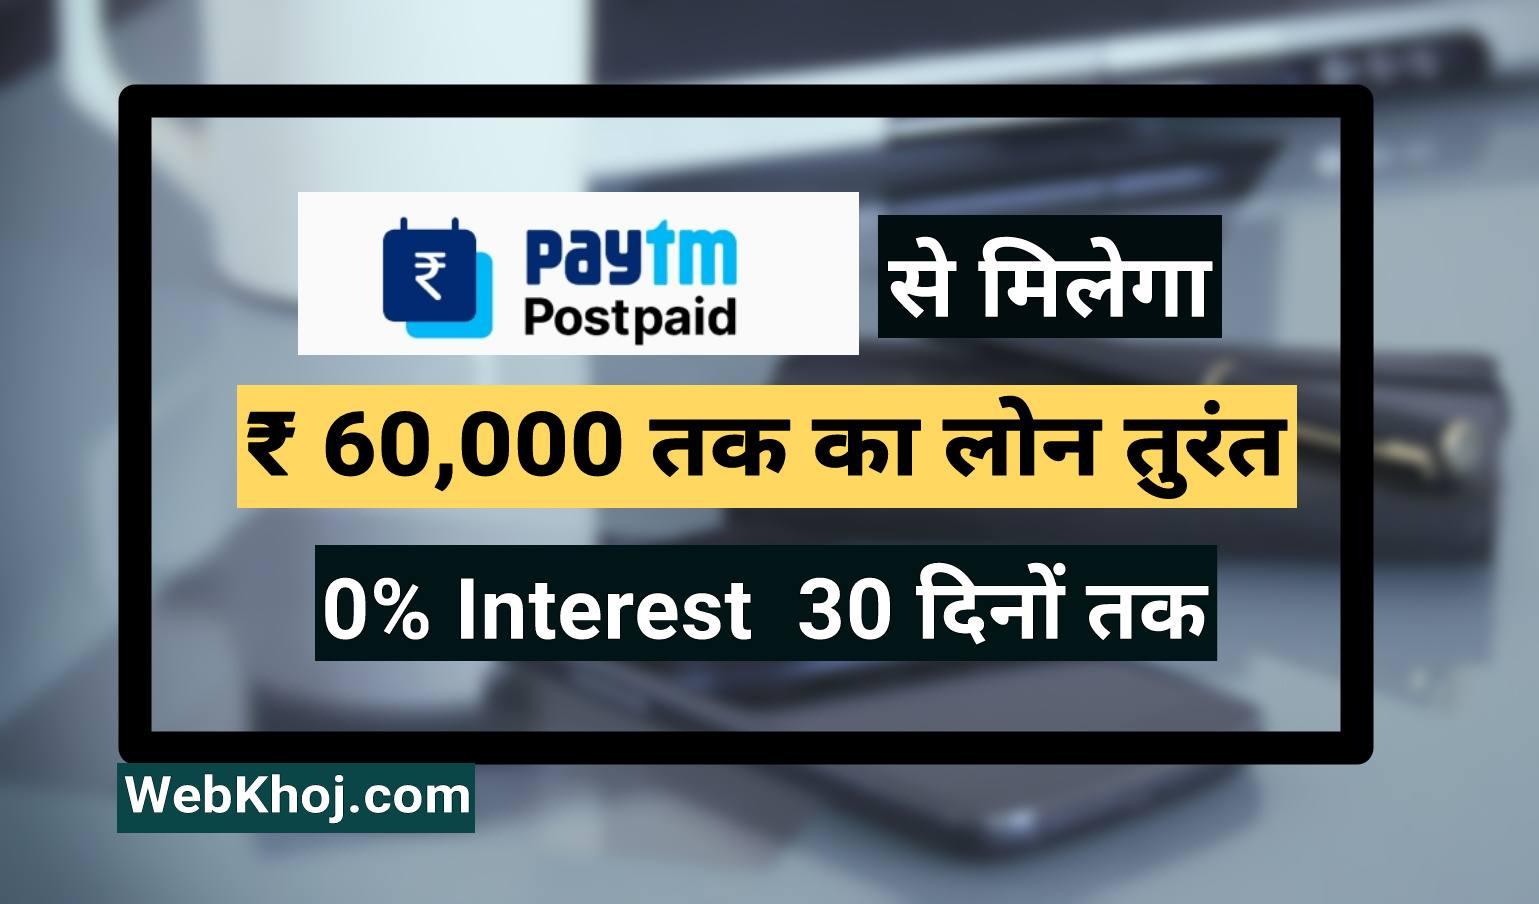 Paytm postpaid loan kya hai